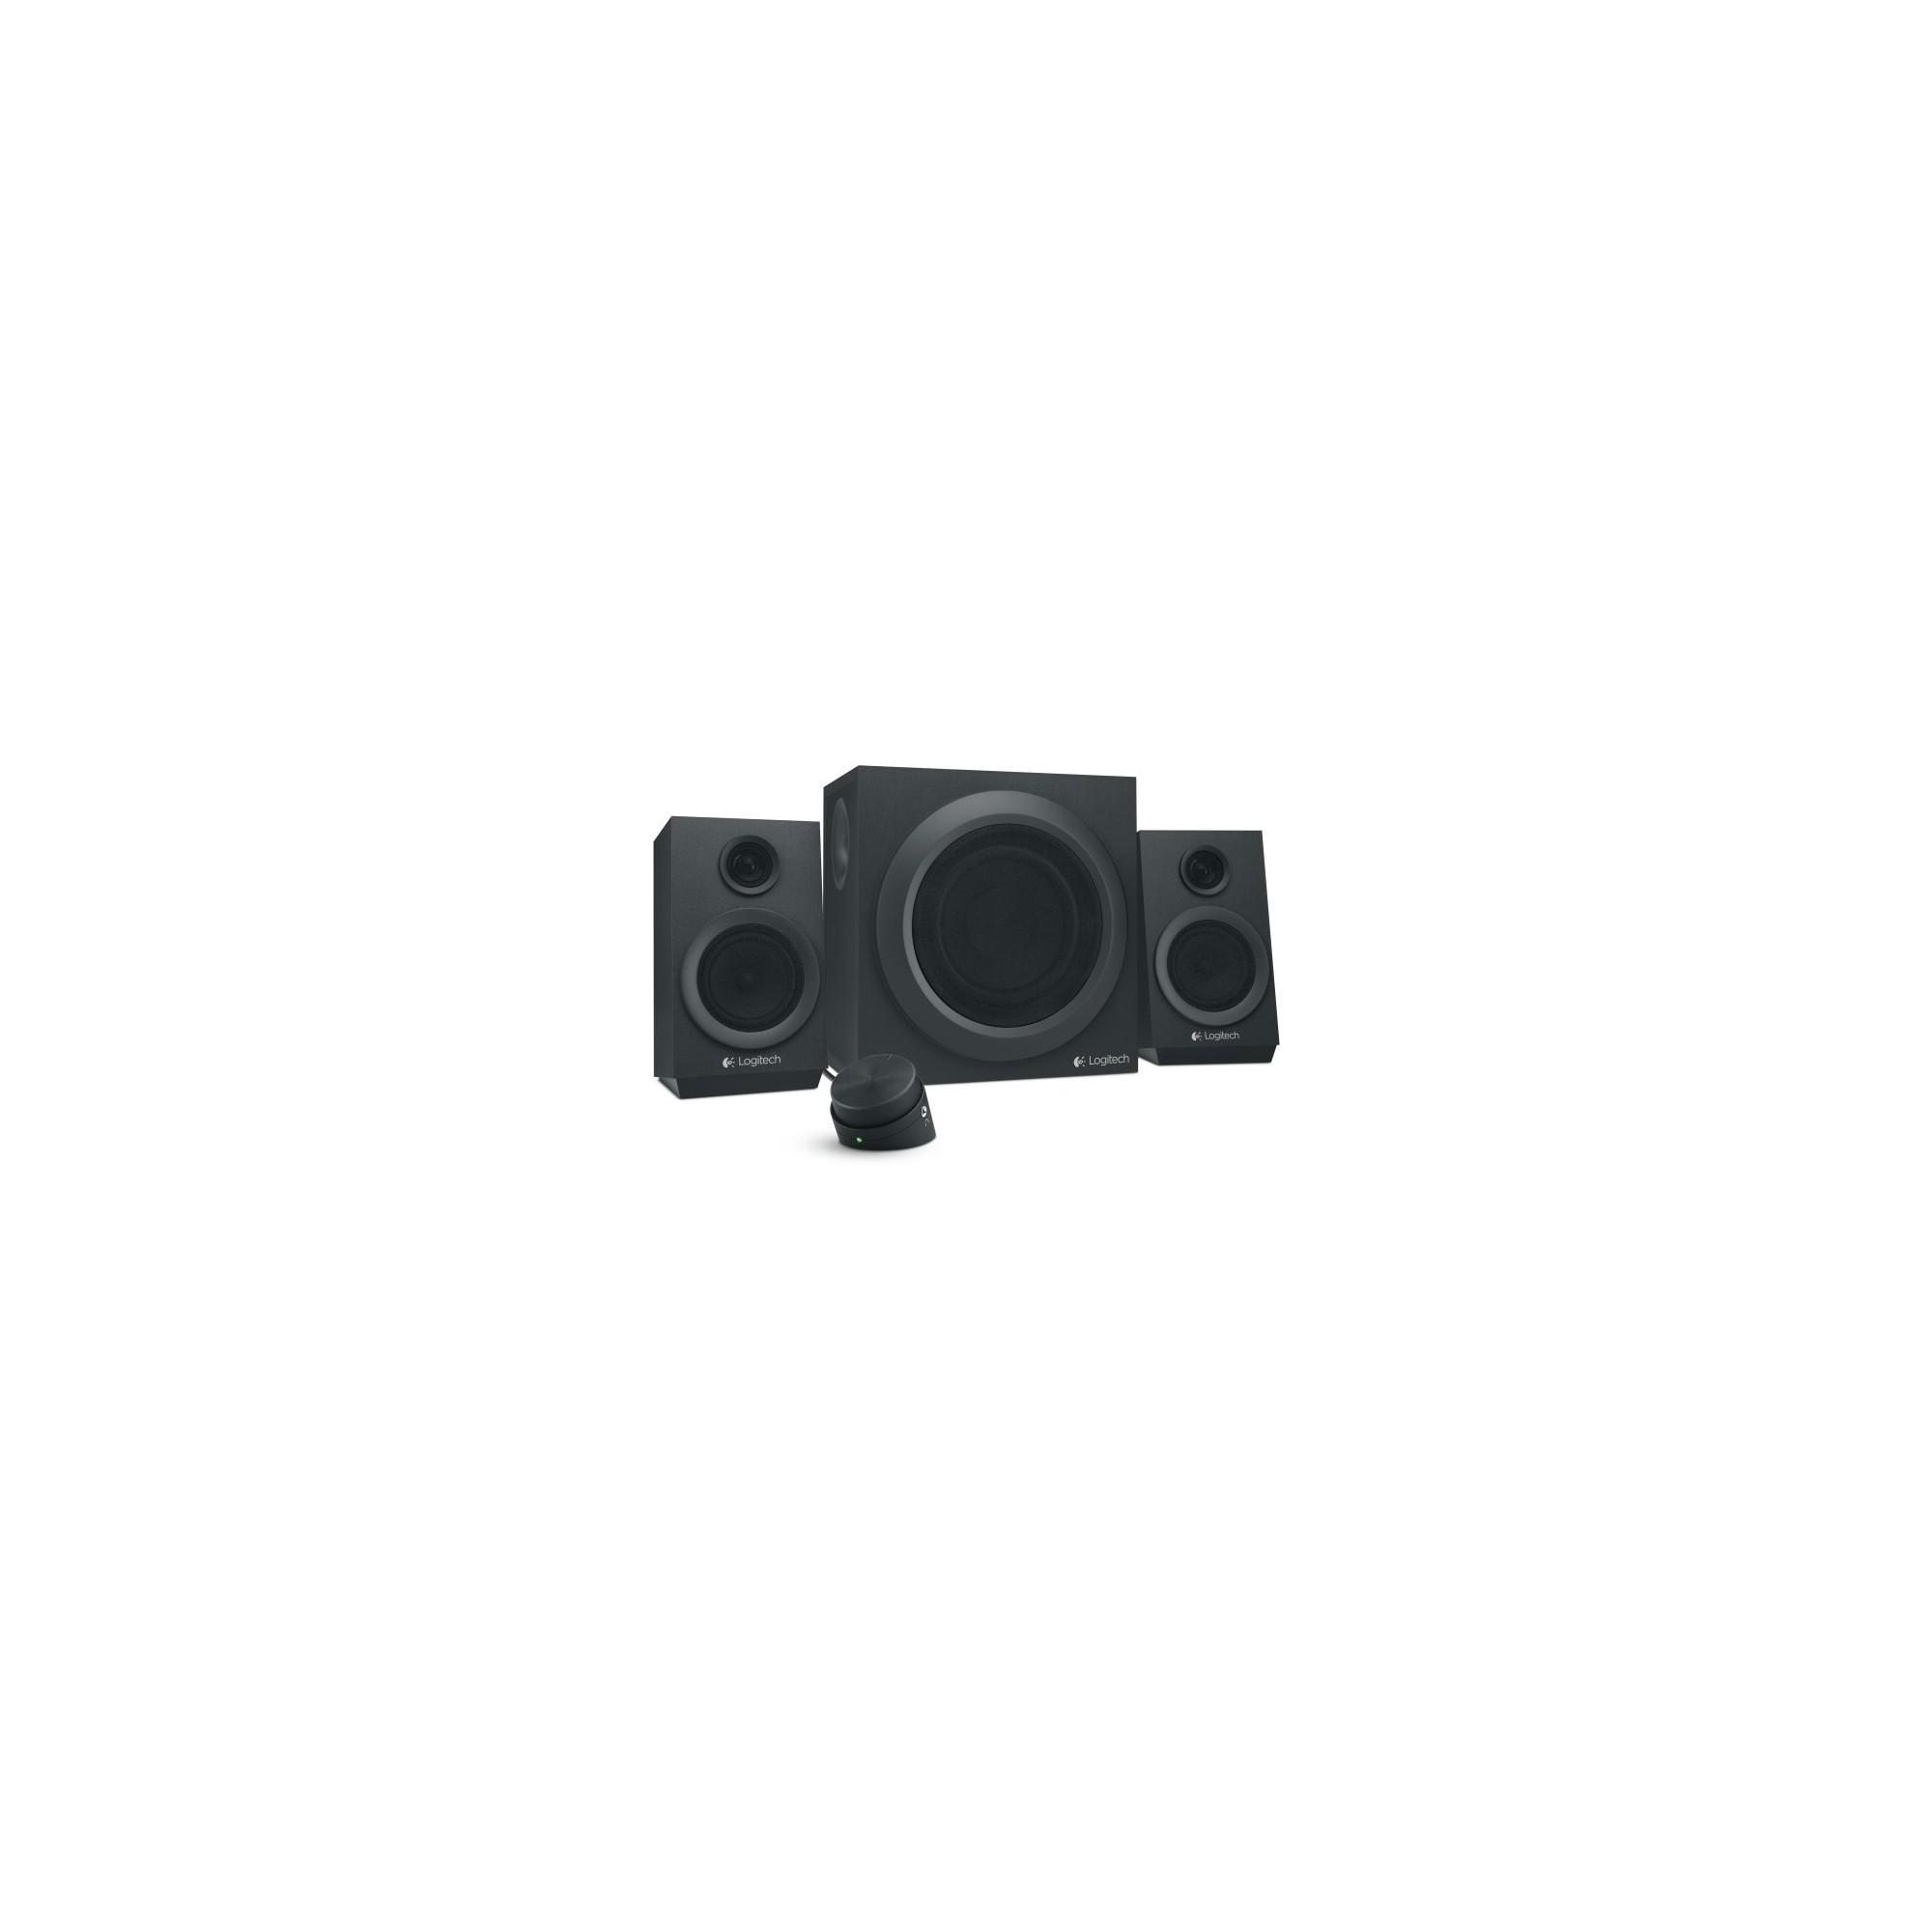 068650c1cea Logitech Z333 2.1 Speaker System - 40 W Rms - Black - 55 Hz - 20 kHz -  Control Pod, Bass Level Management (Blm)